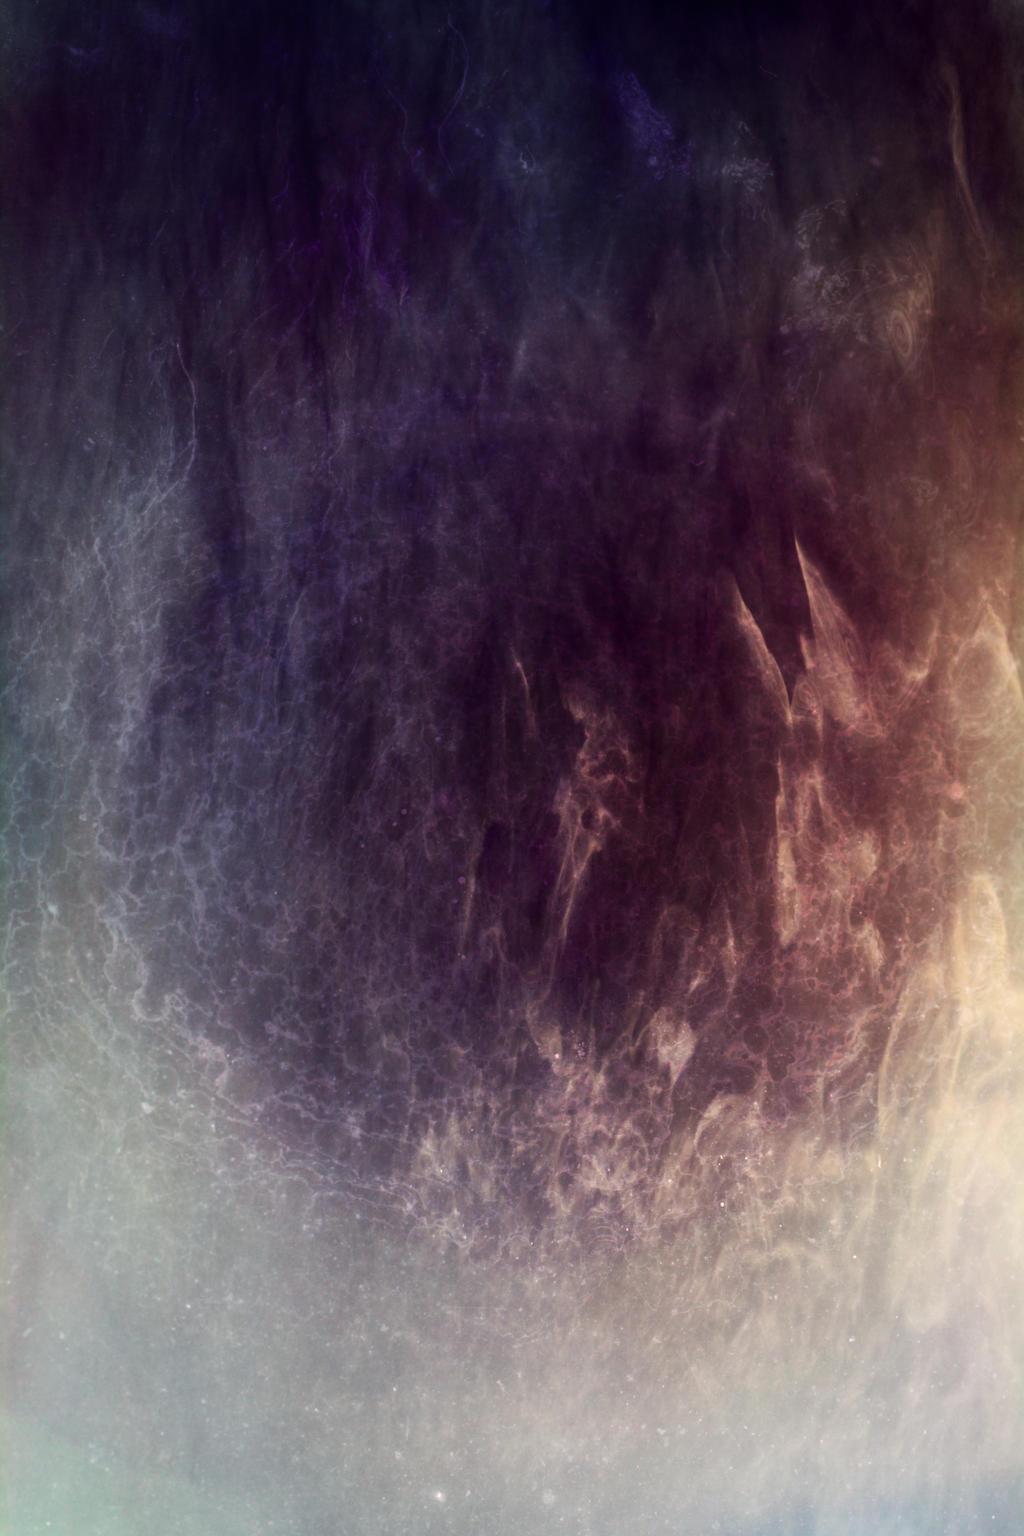 Texture 421 by Sirius-sdz